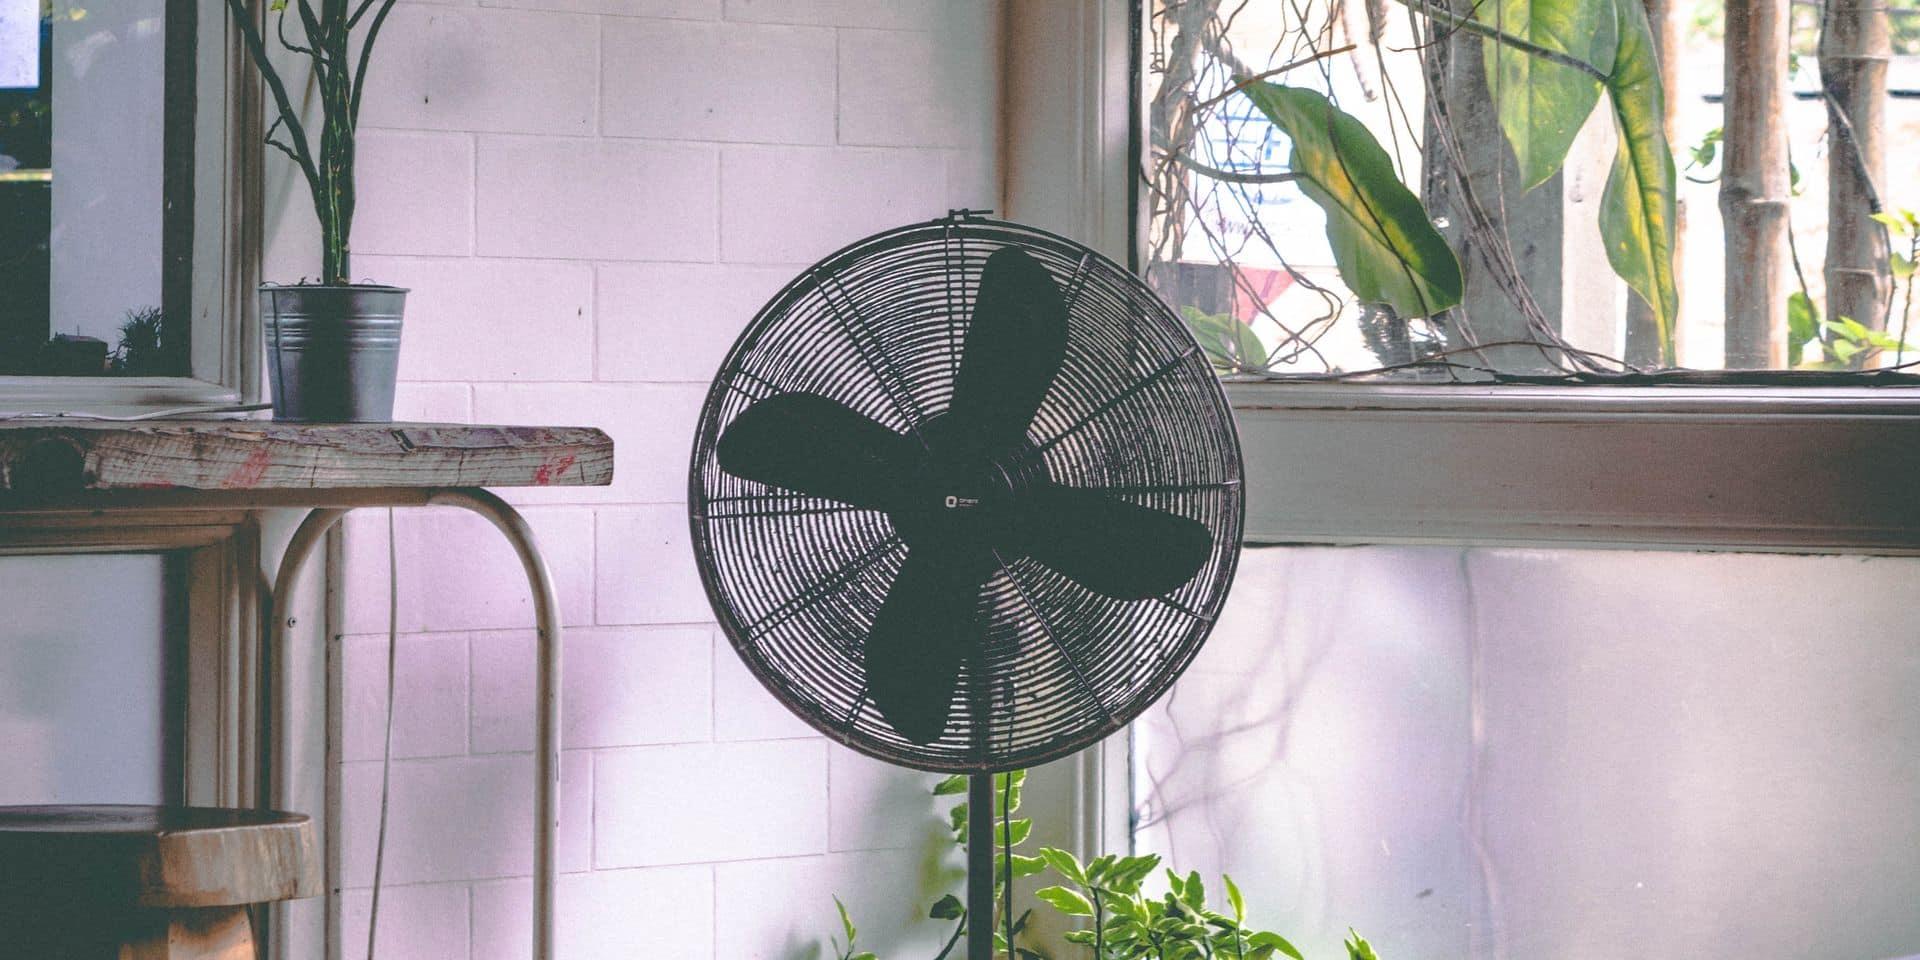 L'astuce toute simple et gratuite pour transformer son ventilo en climatiseur